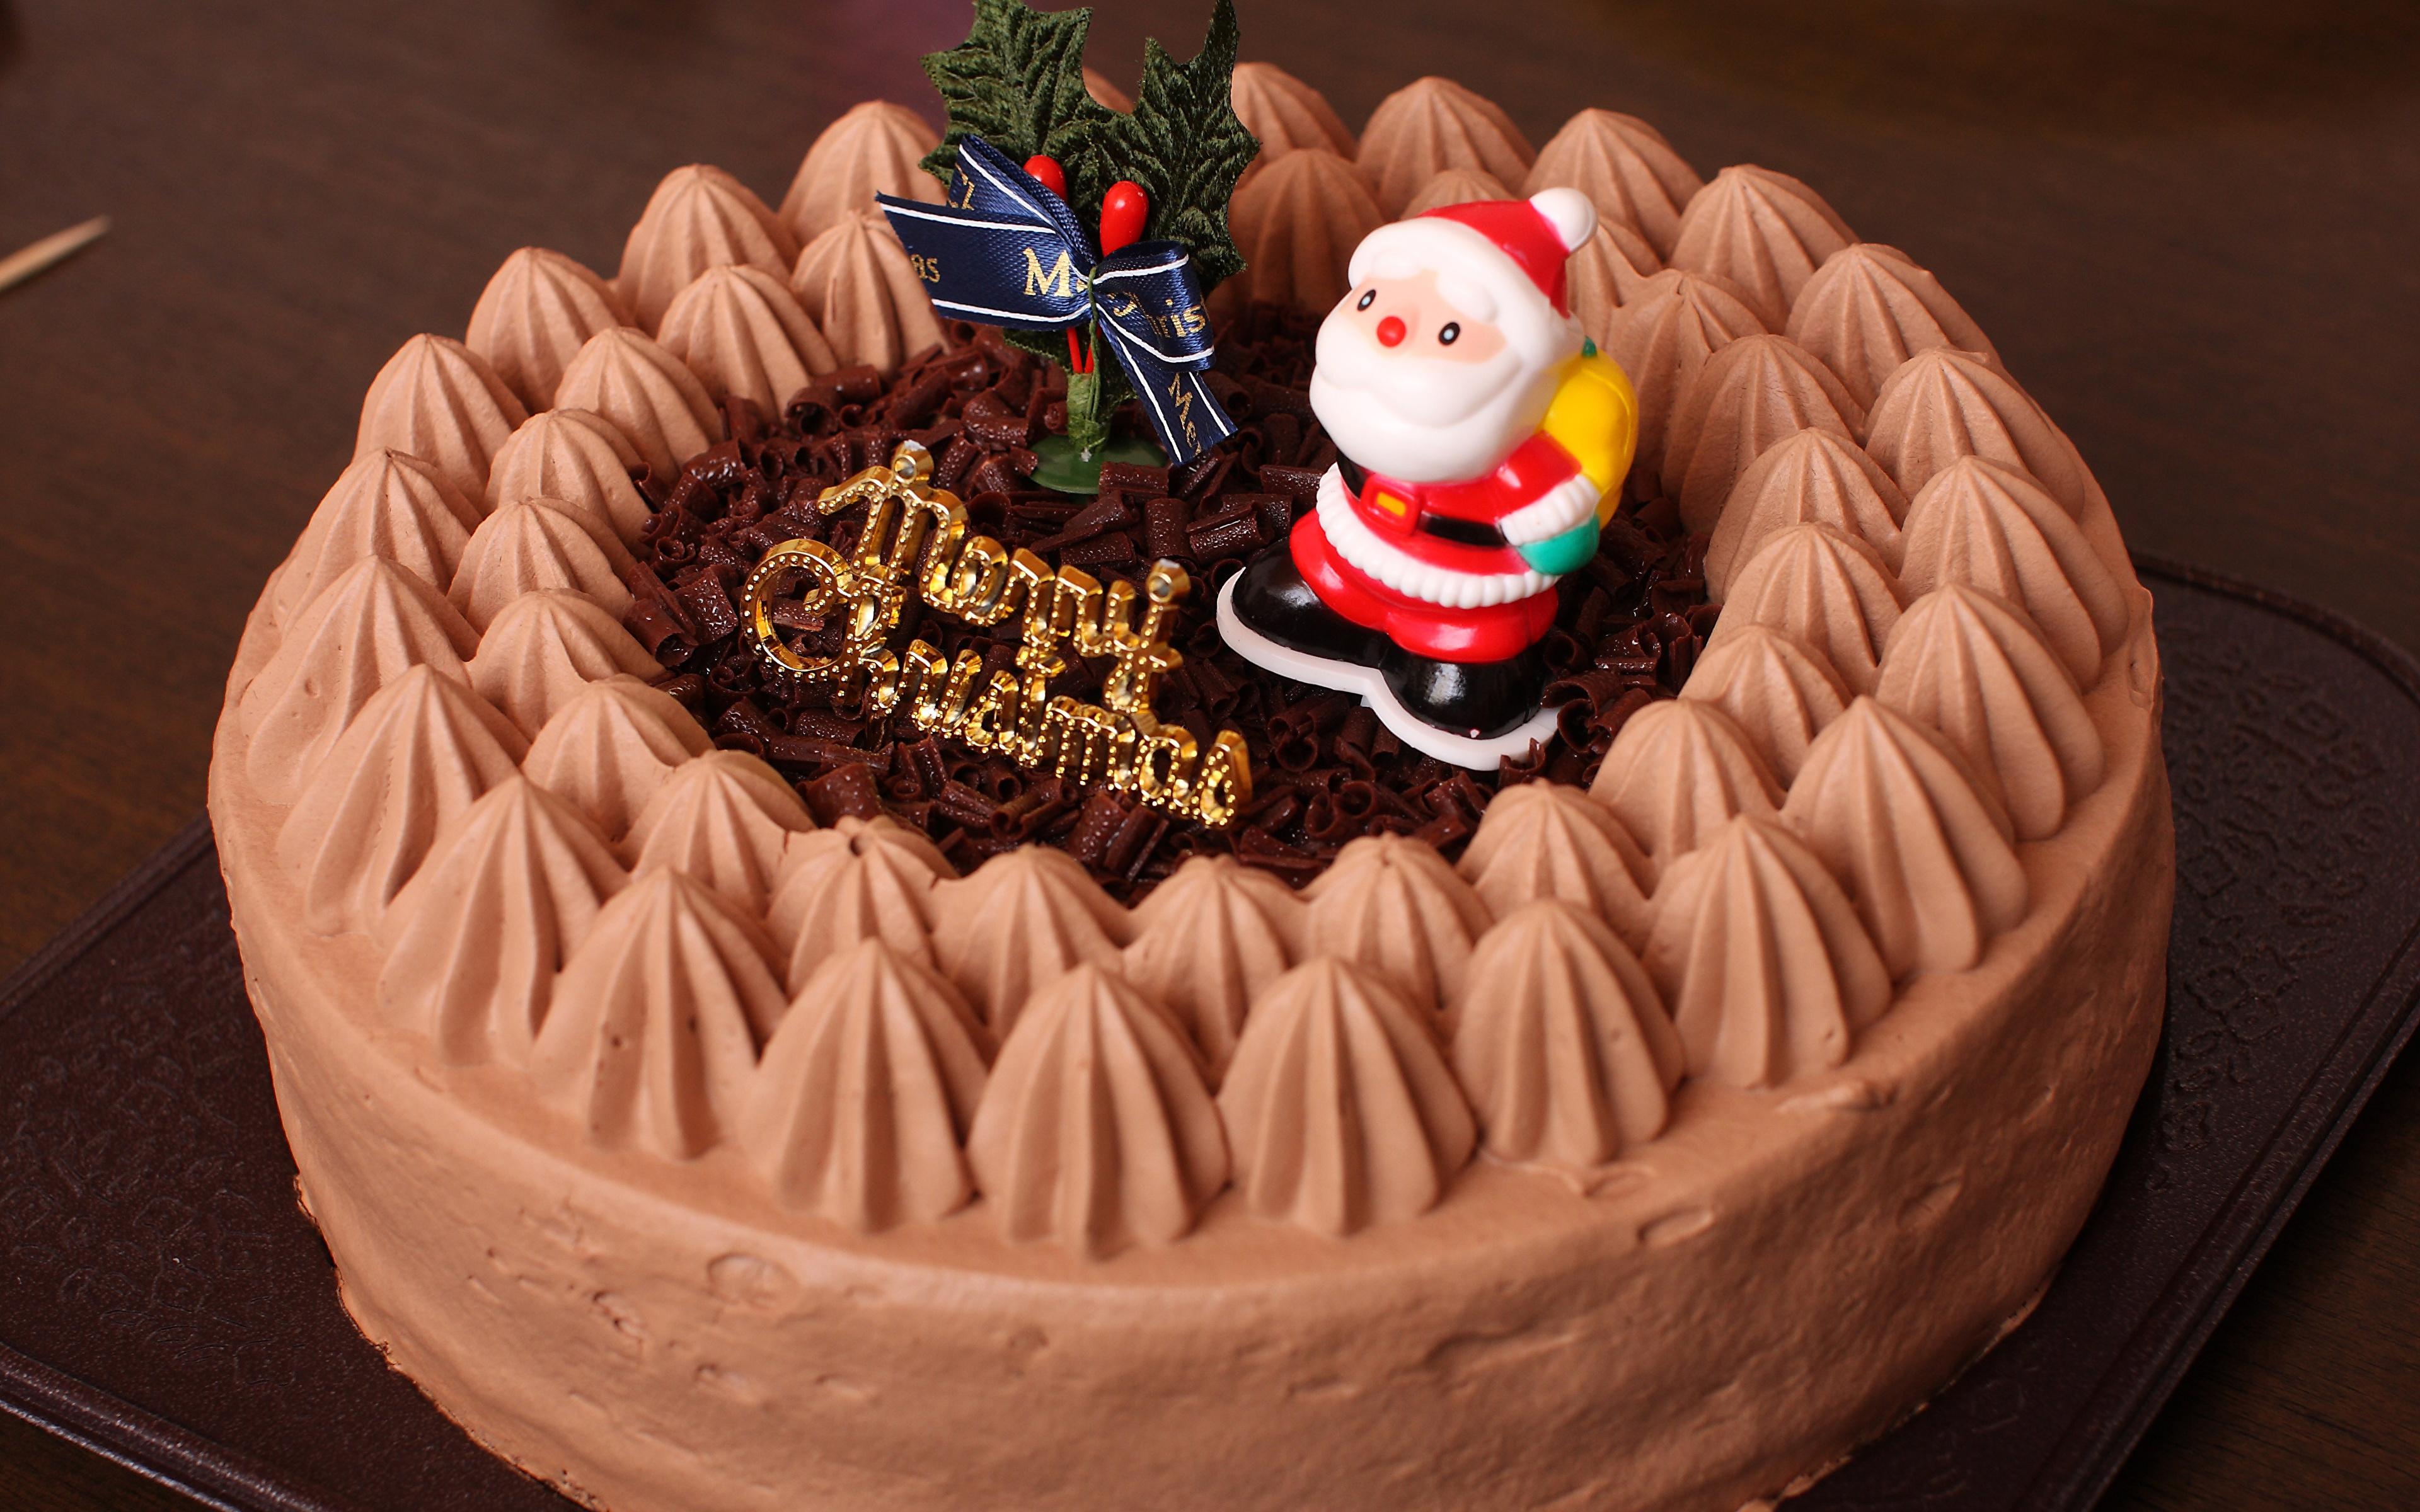 Фотографии Рождество Торты Санта-Клаус Пища Сладости Дизайн 3840x2400 Новый год Дед Мороз Еда Продукты питания дизайна